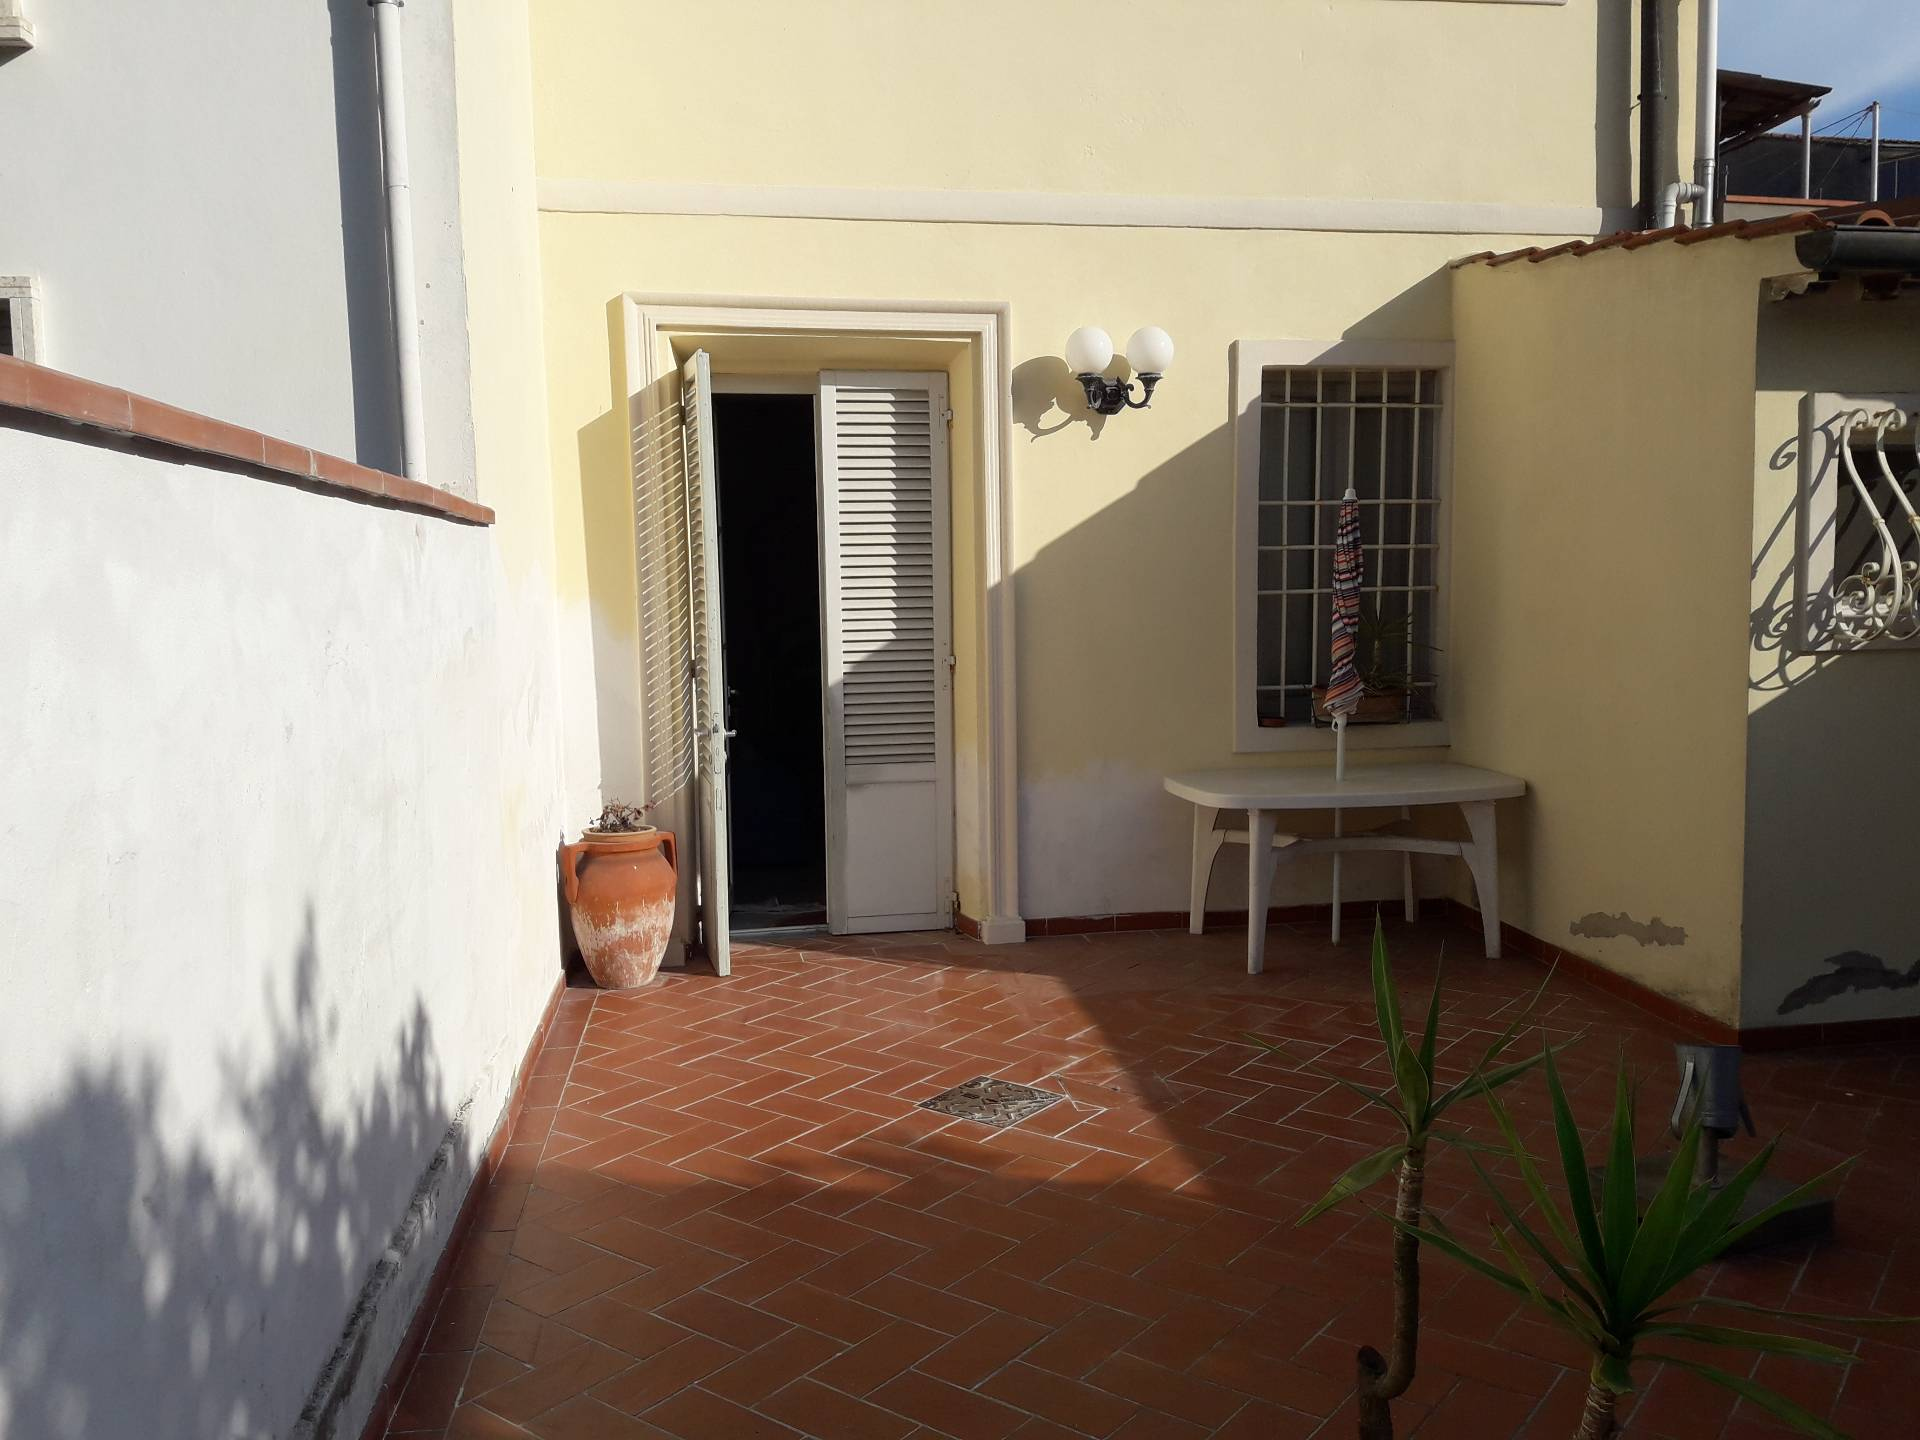 viareggio affitto quart: centro studio-immobiliare-sarah-del-carlo